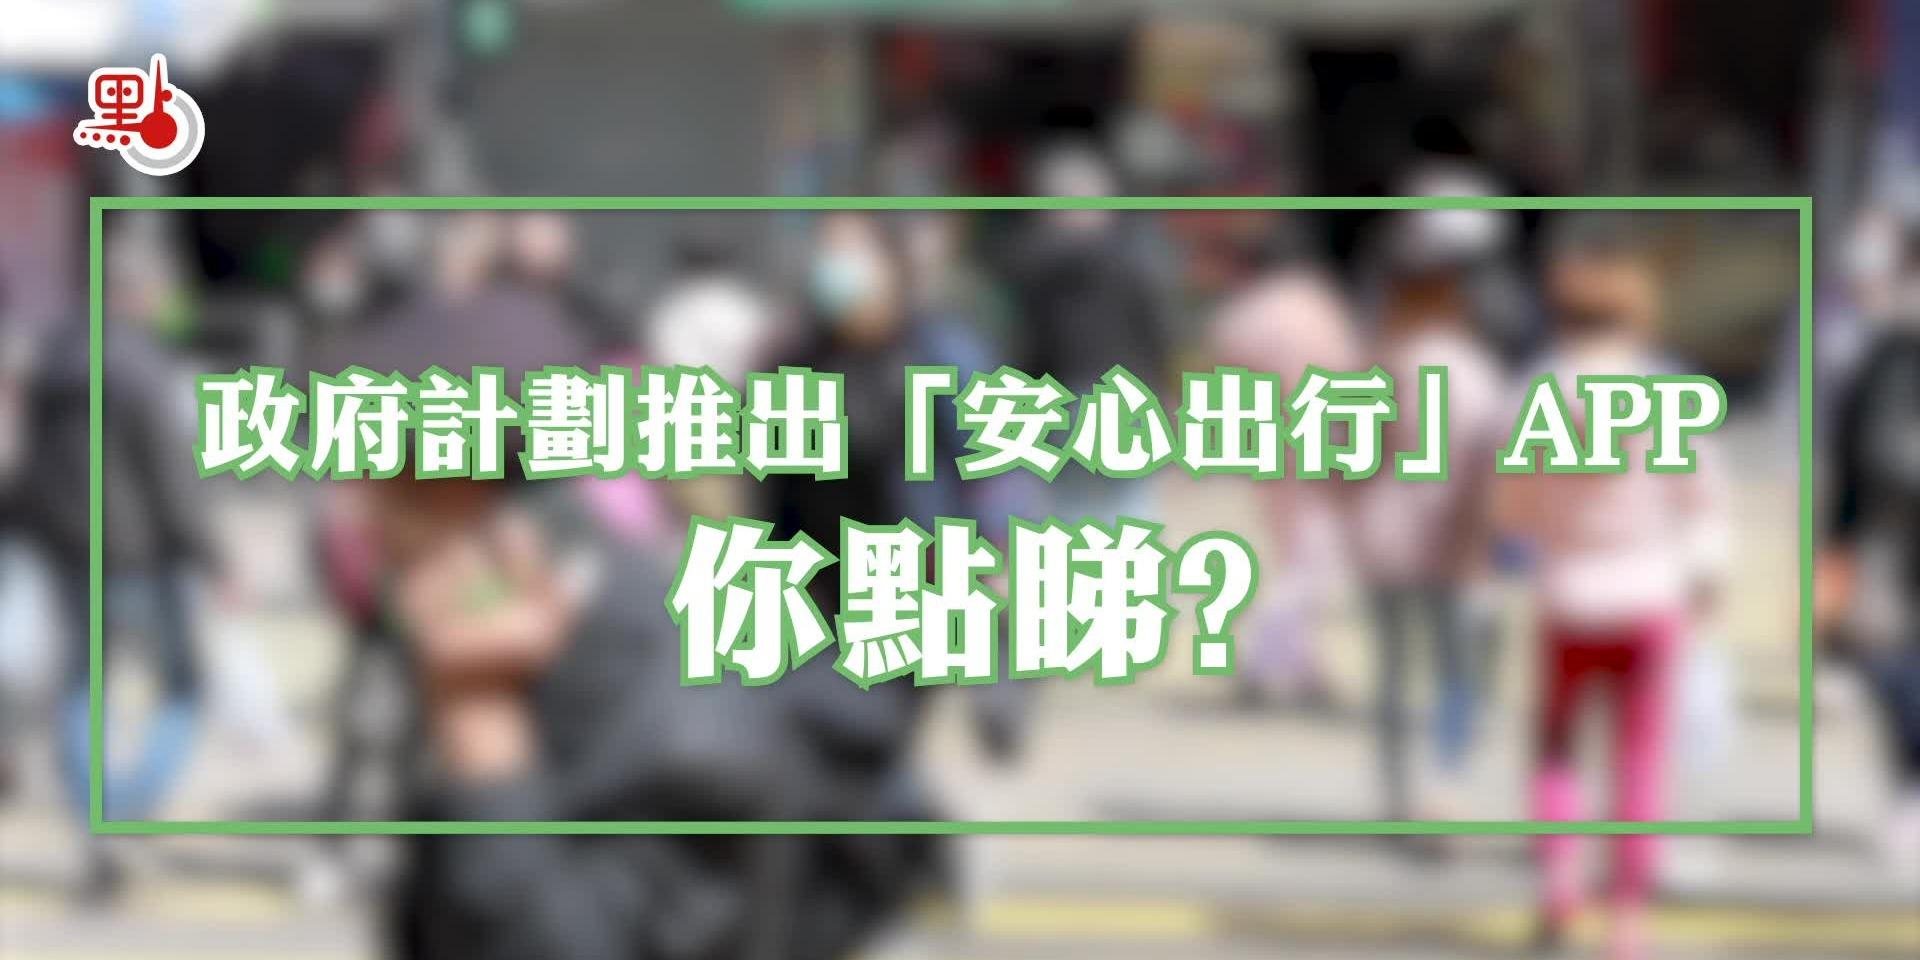 【街訪】「安心出行」APP推出在即 市民反應如何?